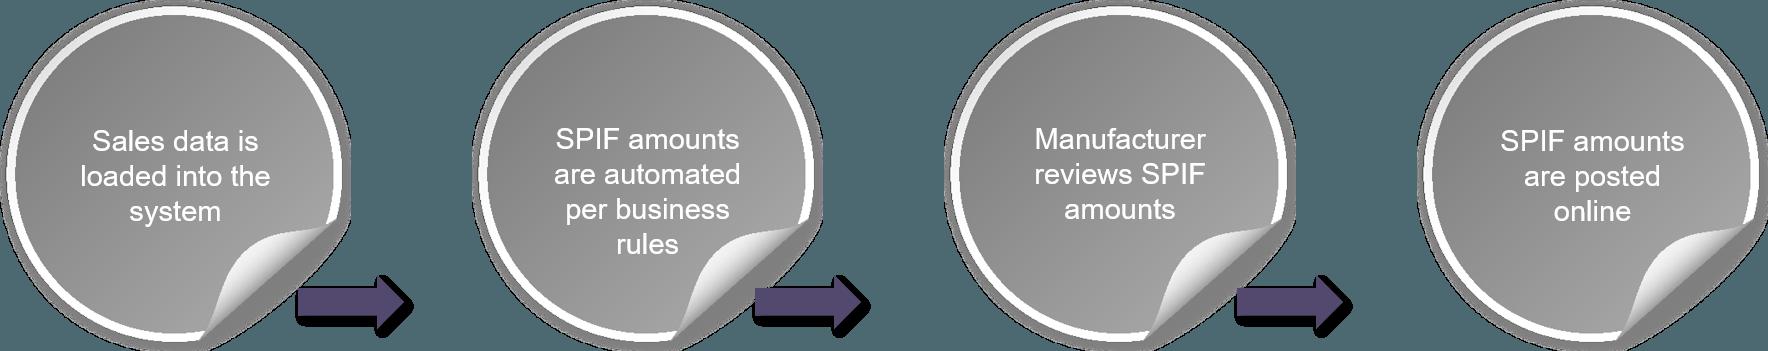 CMR's SPIFF Management process